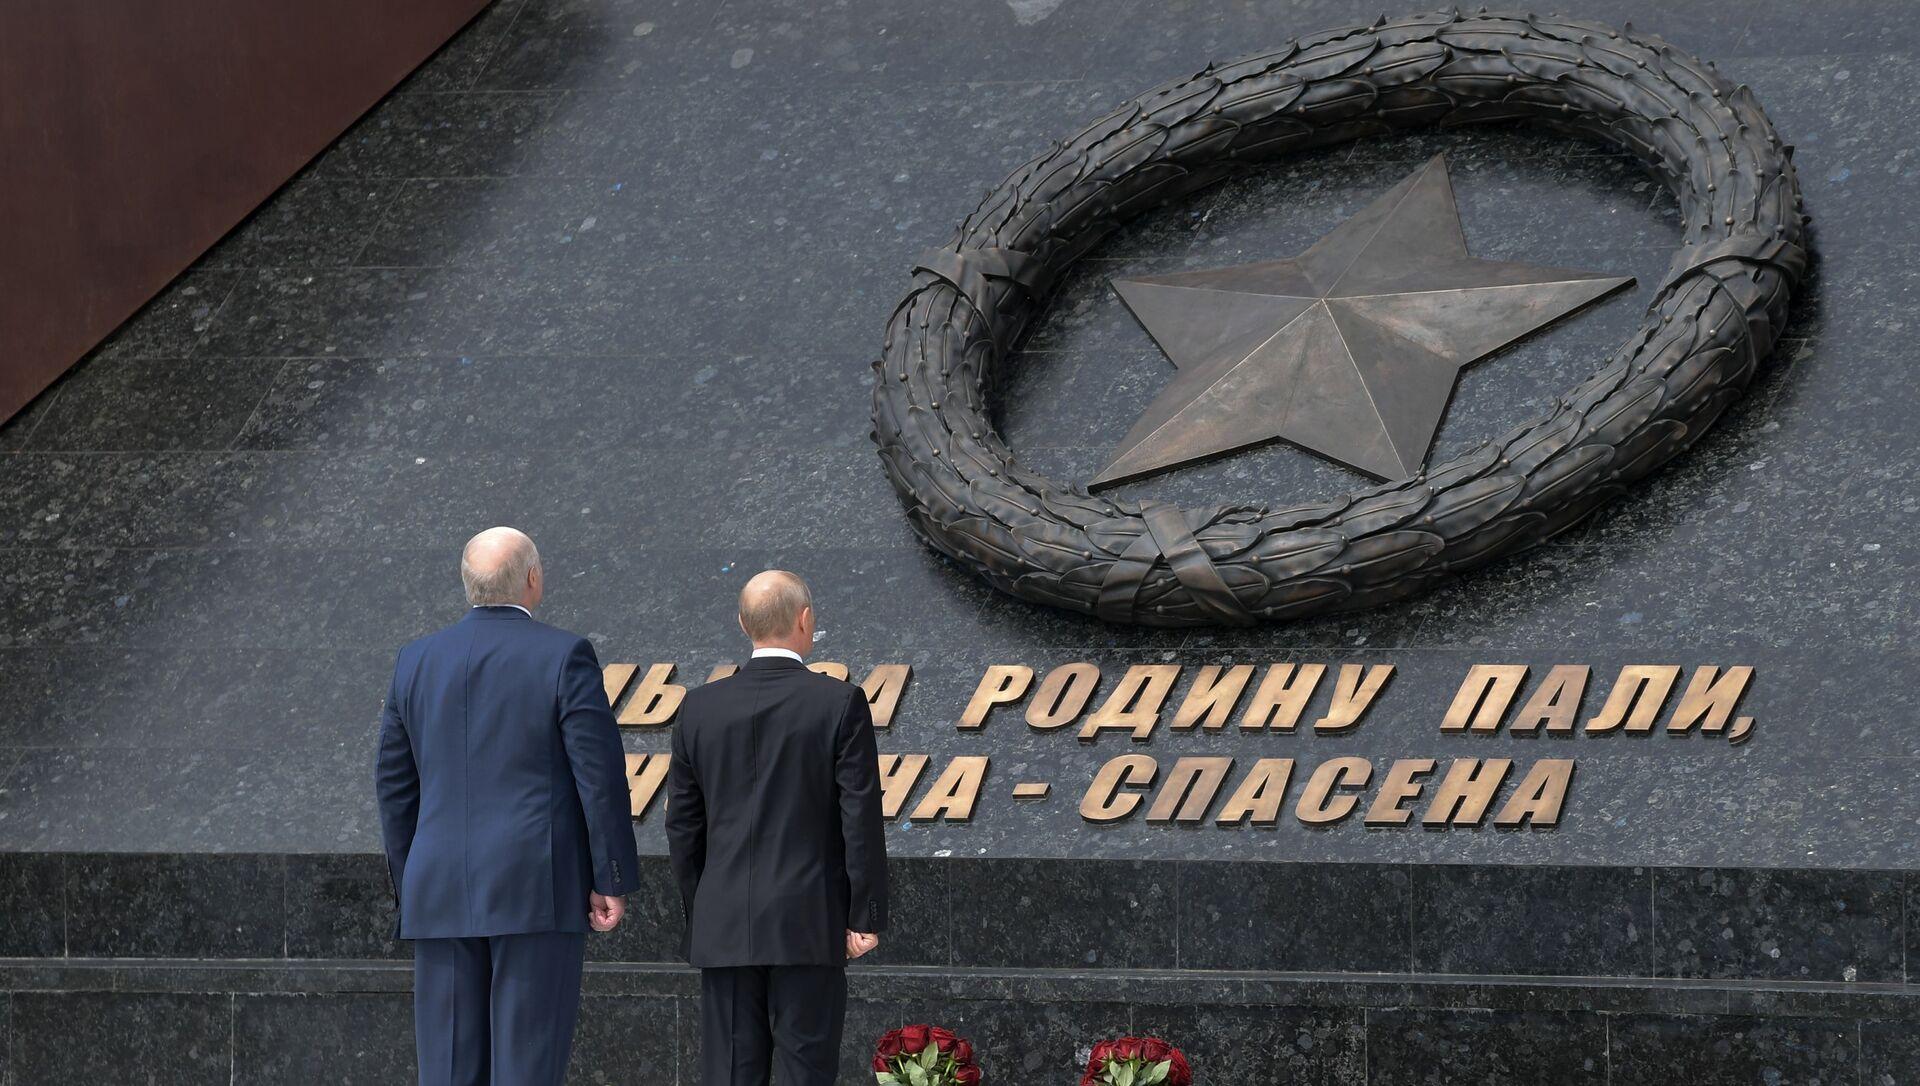 Odsłonięcie pomnika żołnierza radzieckiego pod Rżewem - Sputnik Polska, 1920, 02.03.2021